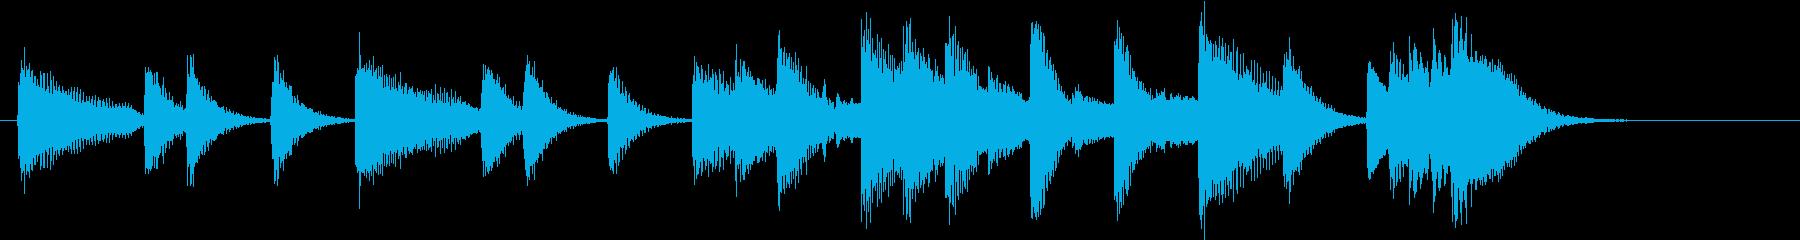 ひいらぎかざろうモチーフピアノジングルEの再生済みの波形